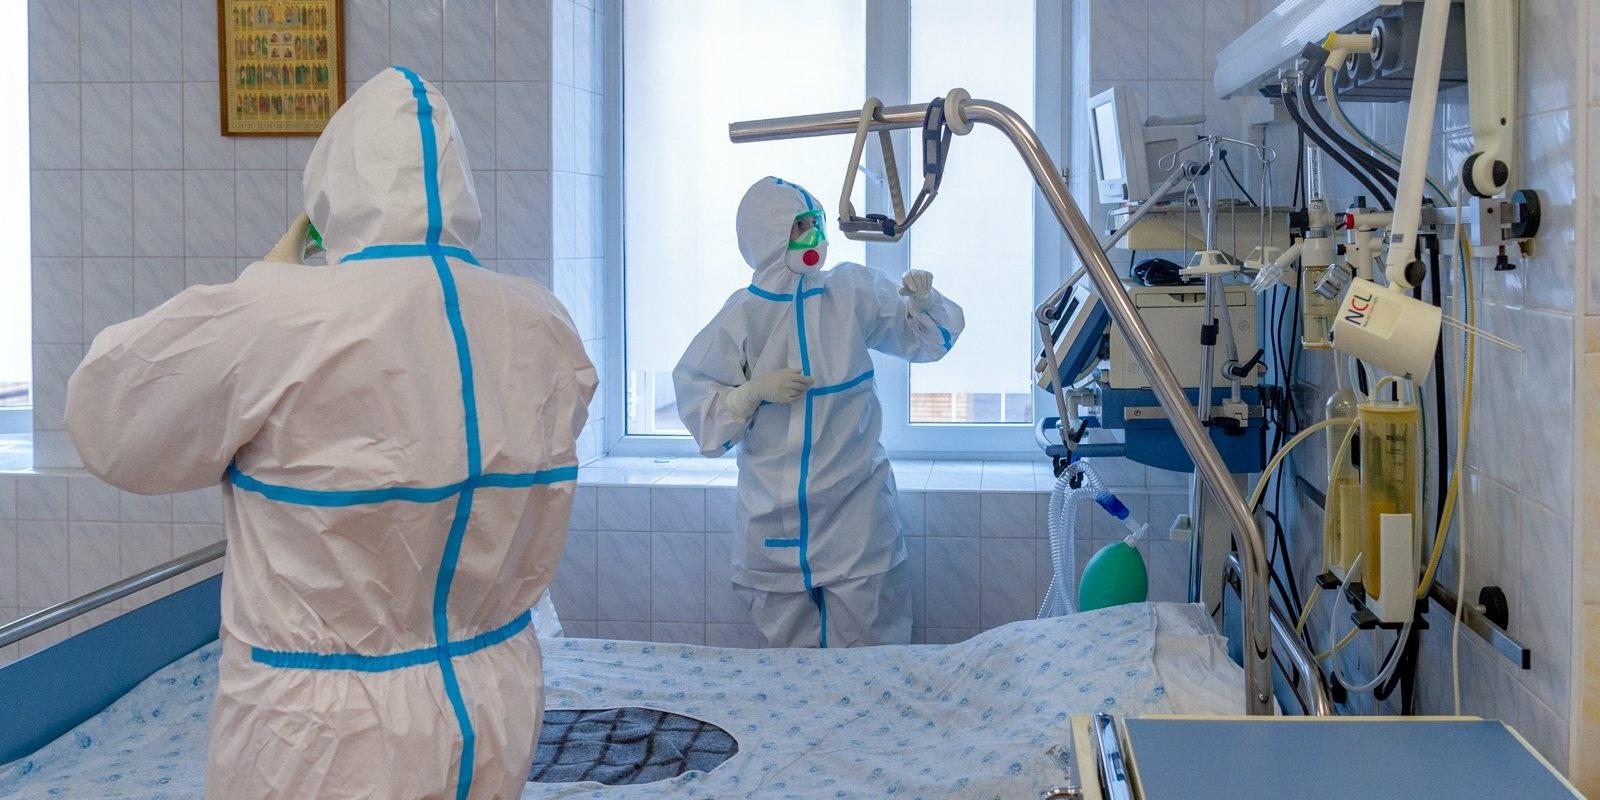 Брянская область по числу больных коронавирусом оказалась в десятке регионов